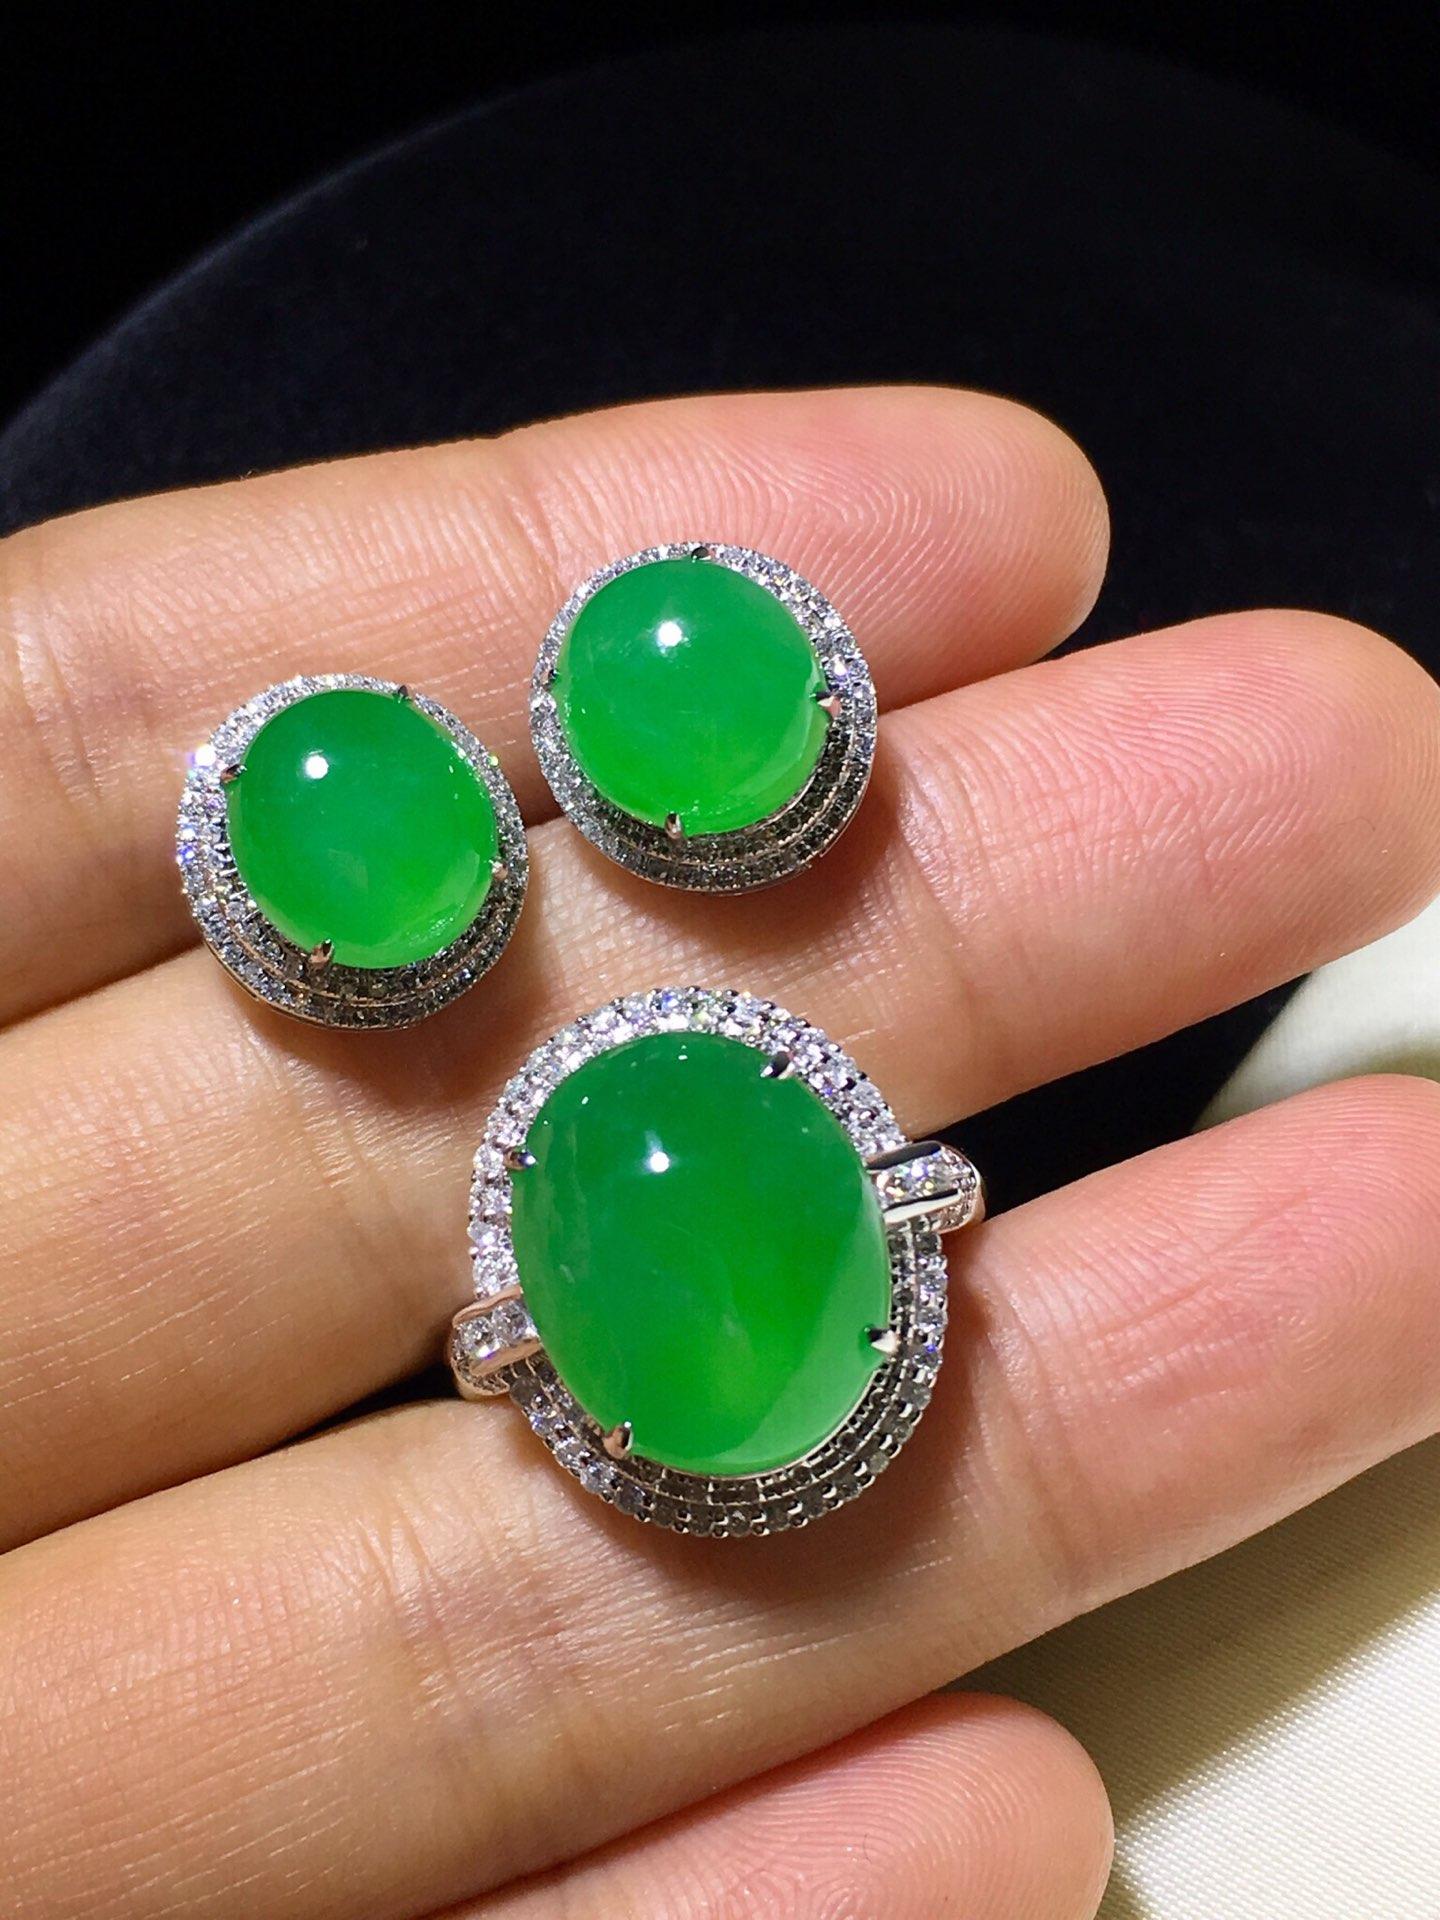 冰綠蛋面套裝,裸石尺寸:14.5/11.6/5.5 9.2/8.5/4.5  完美 價:耳釘單。戒指單價:2.8W